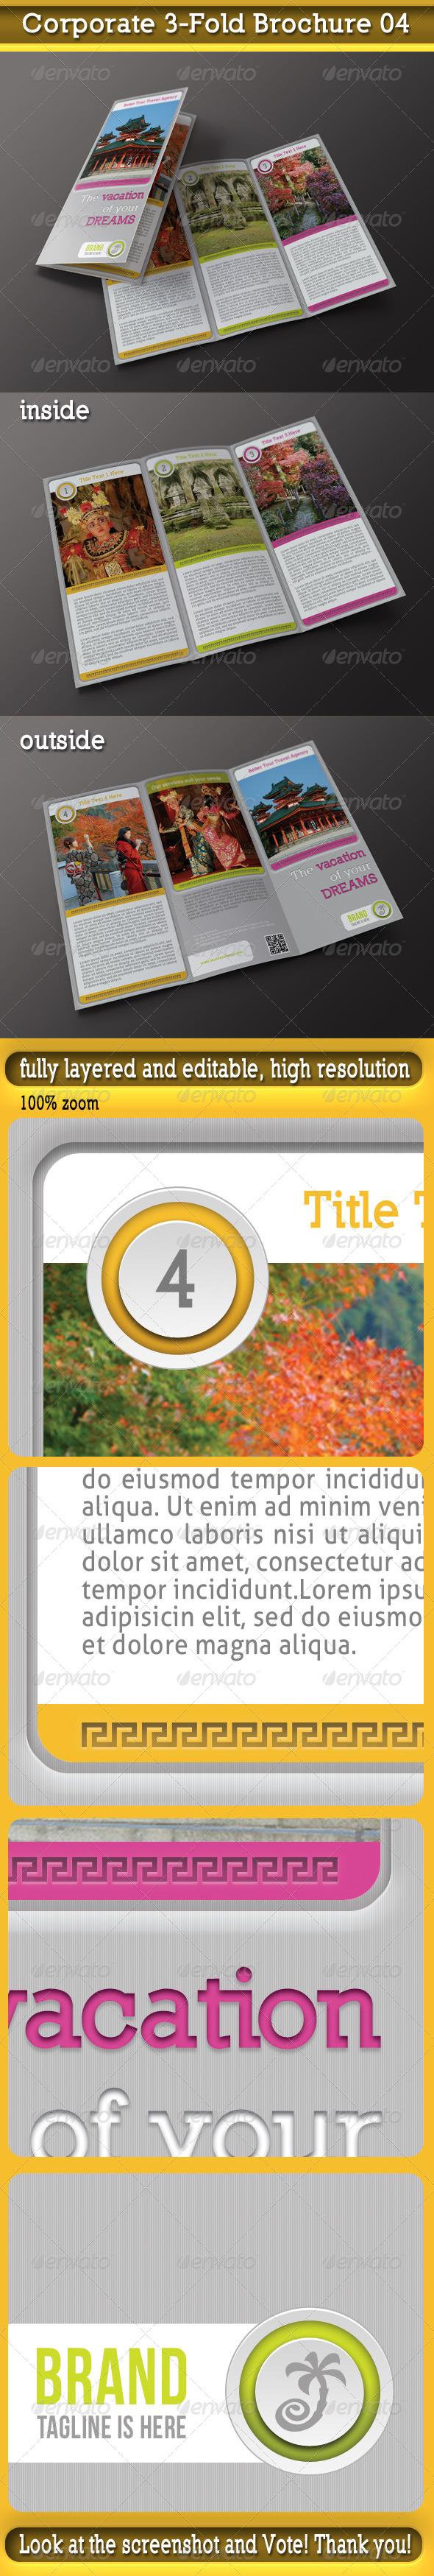 Corporate 3-Fold Brochure 04 - Corporate Brochures